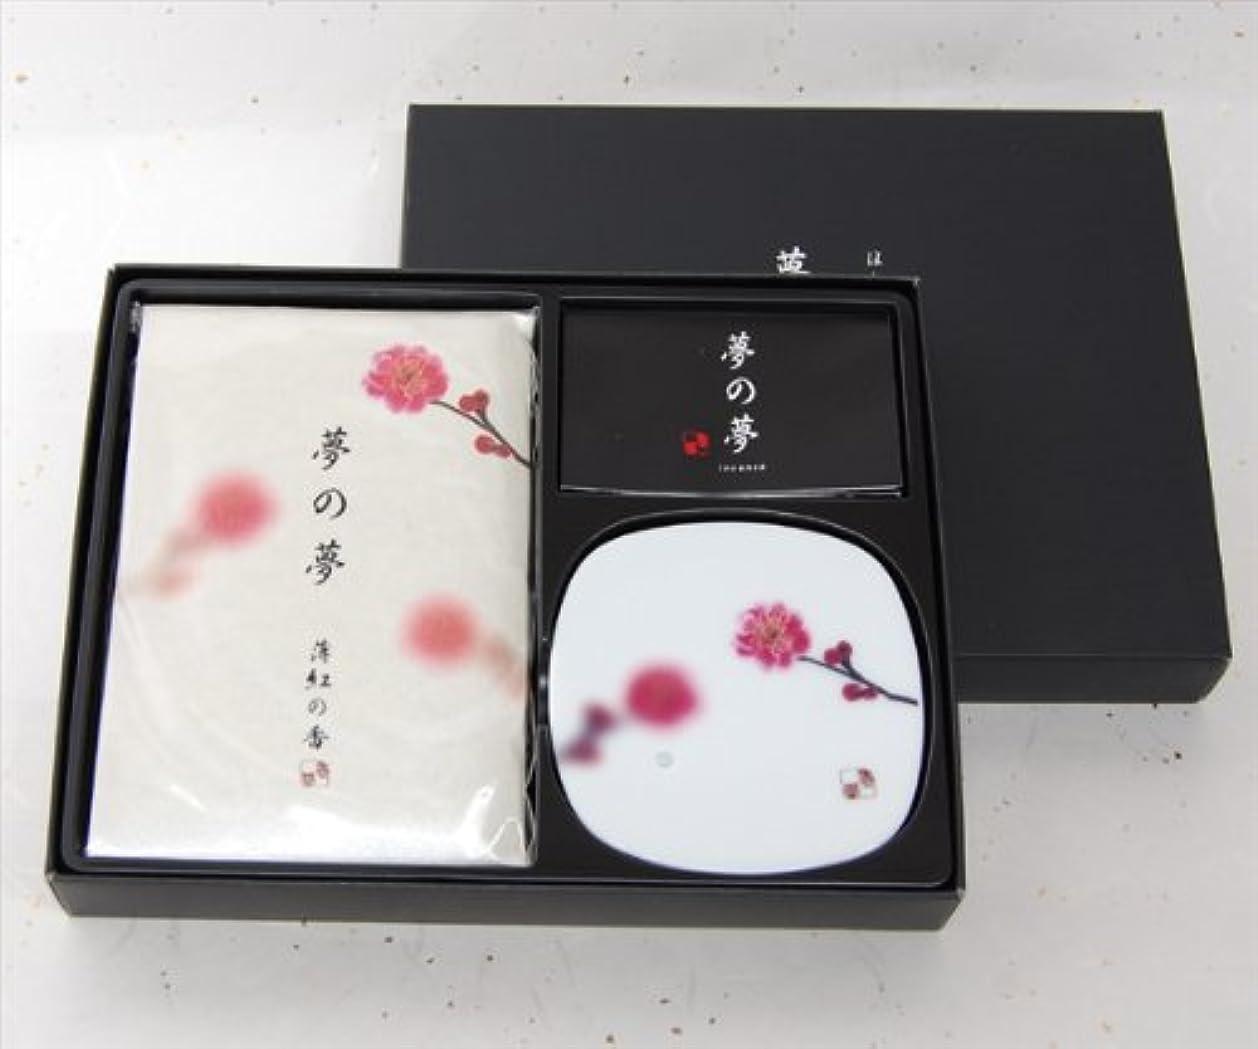 ファッション洗剤大宇宙日本香堂のお香ギフト 薄紅の香 【お香+香皿】